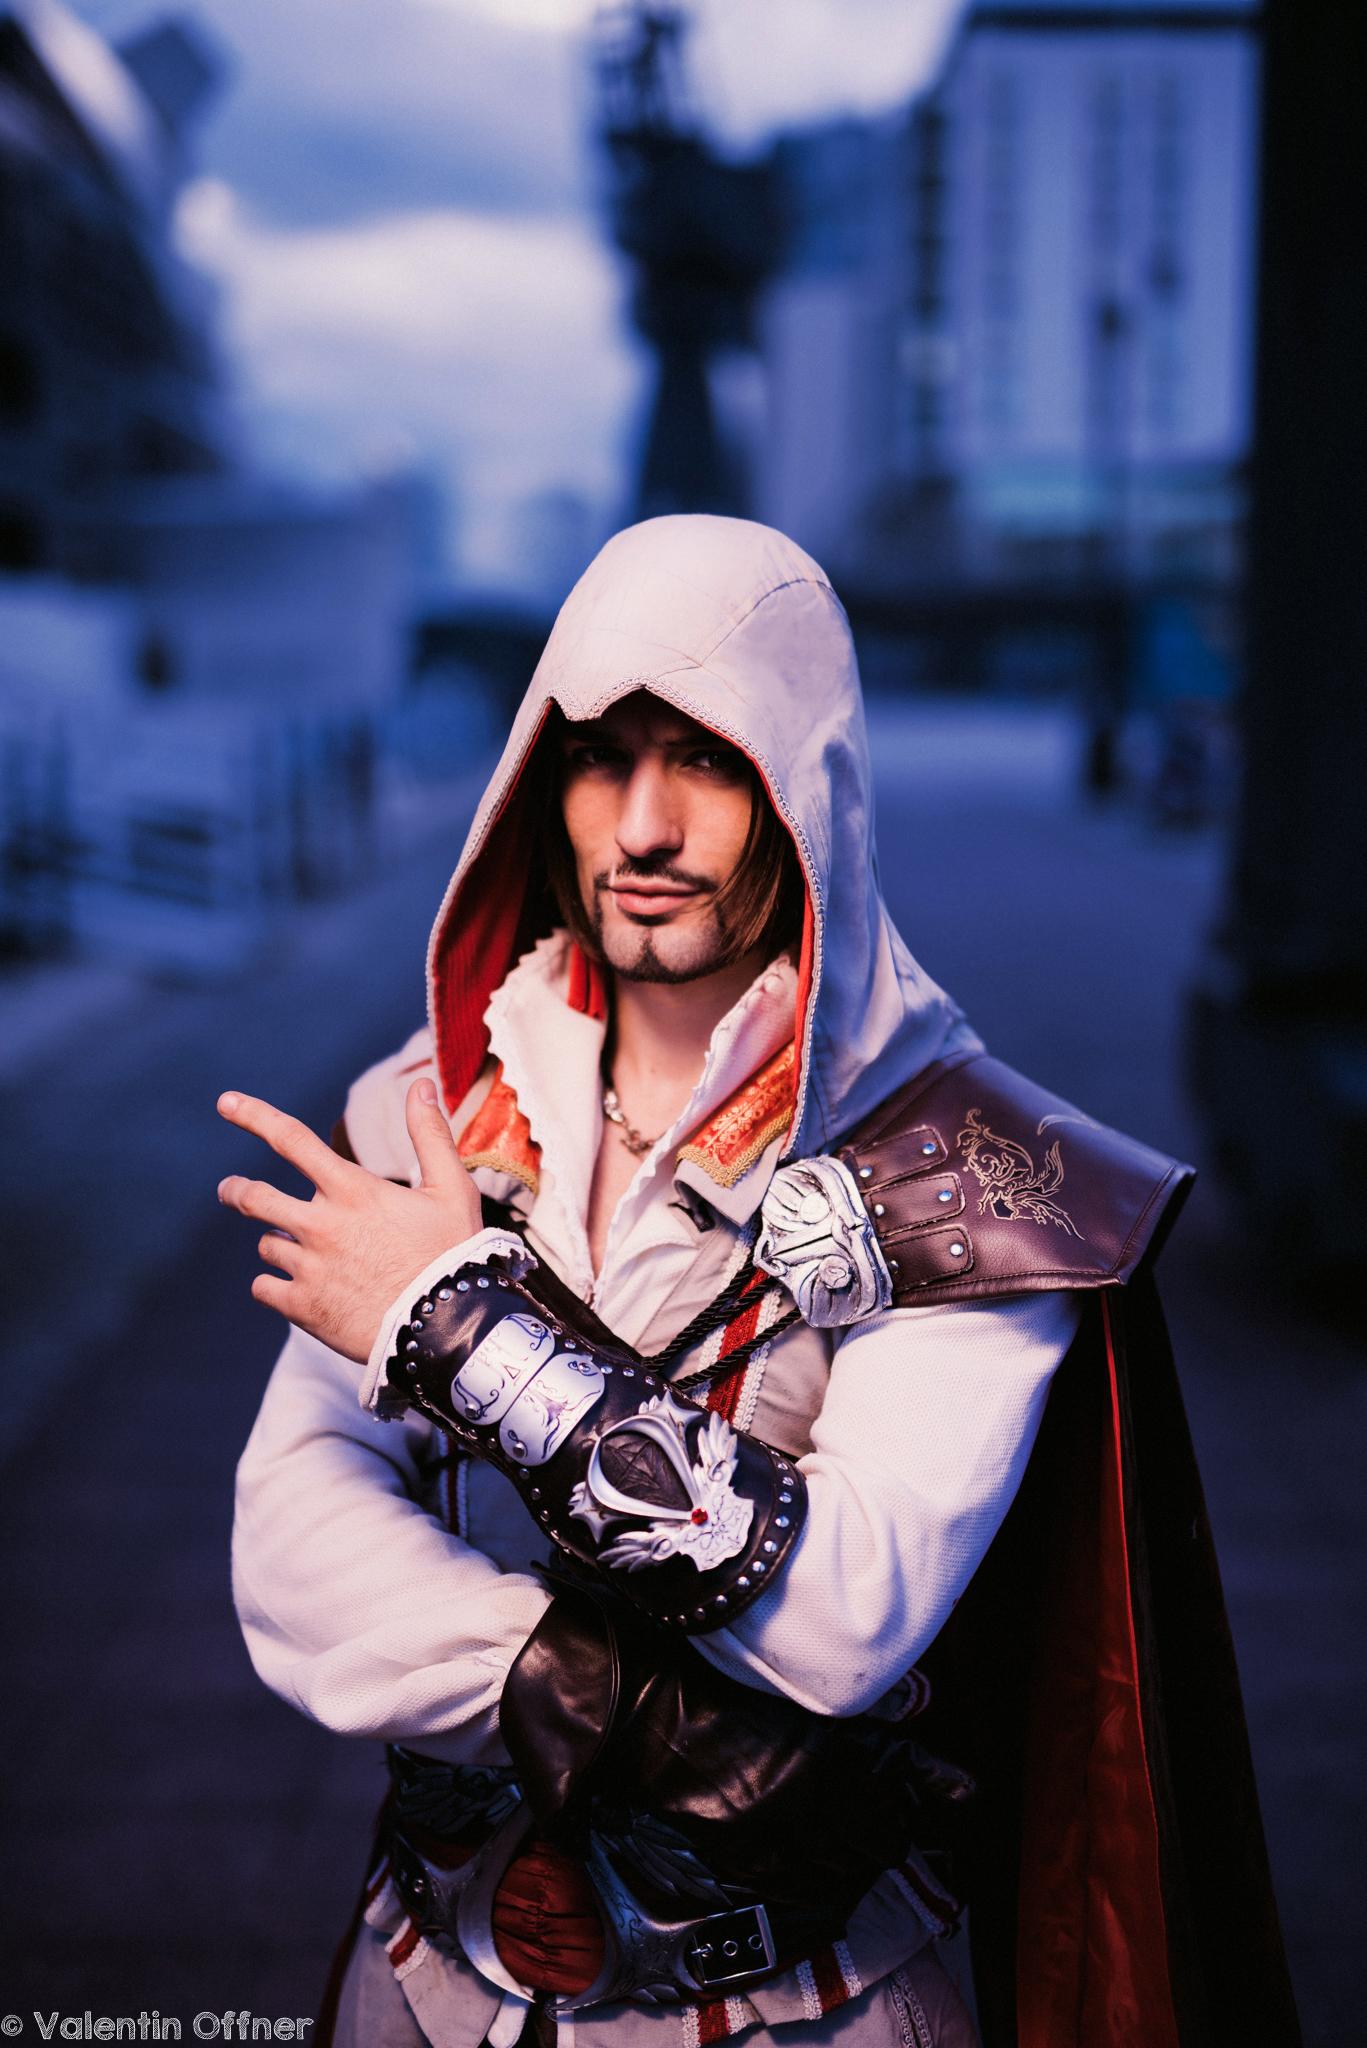 The Mentore Ezio Auditore da Firenze - Cosplay Art